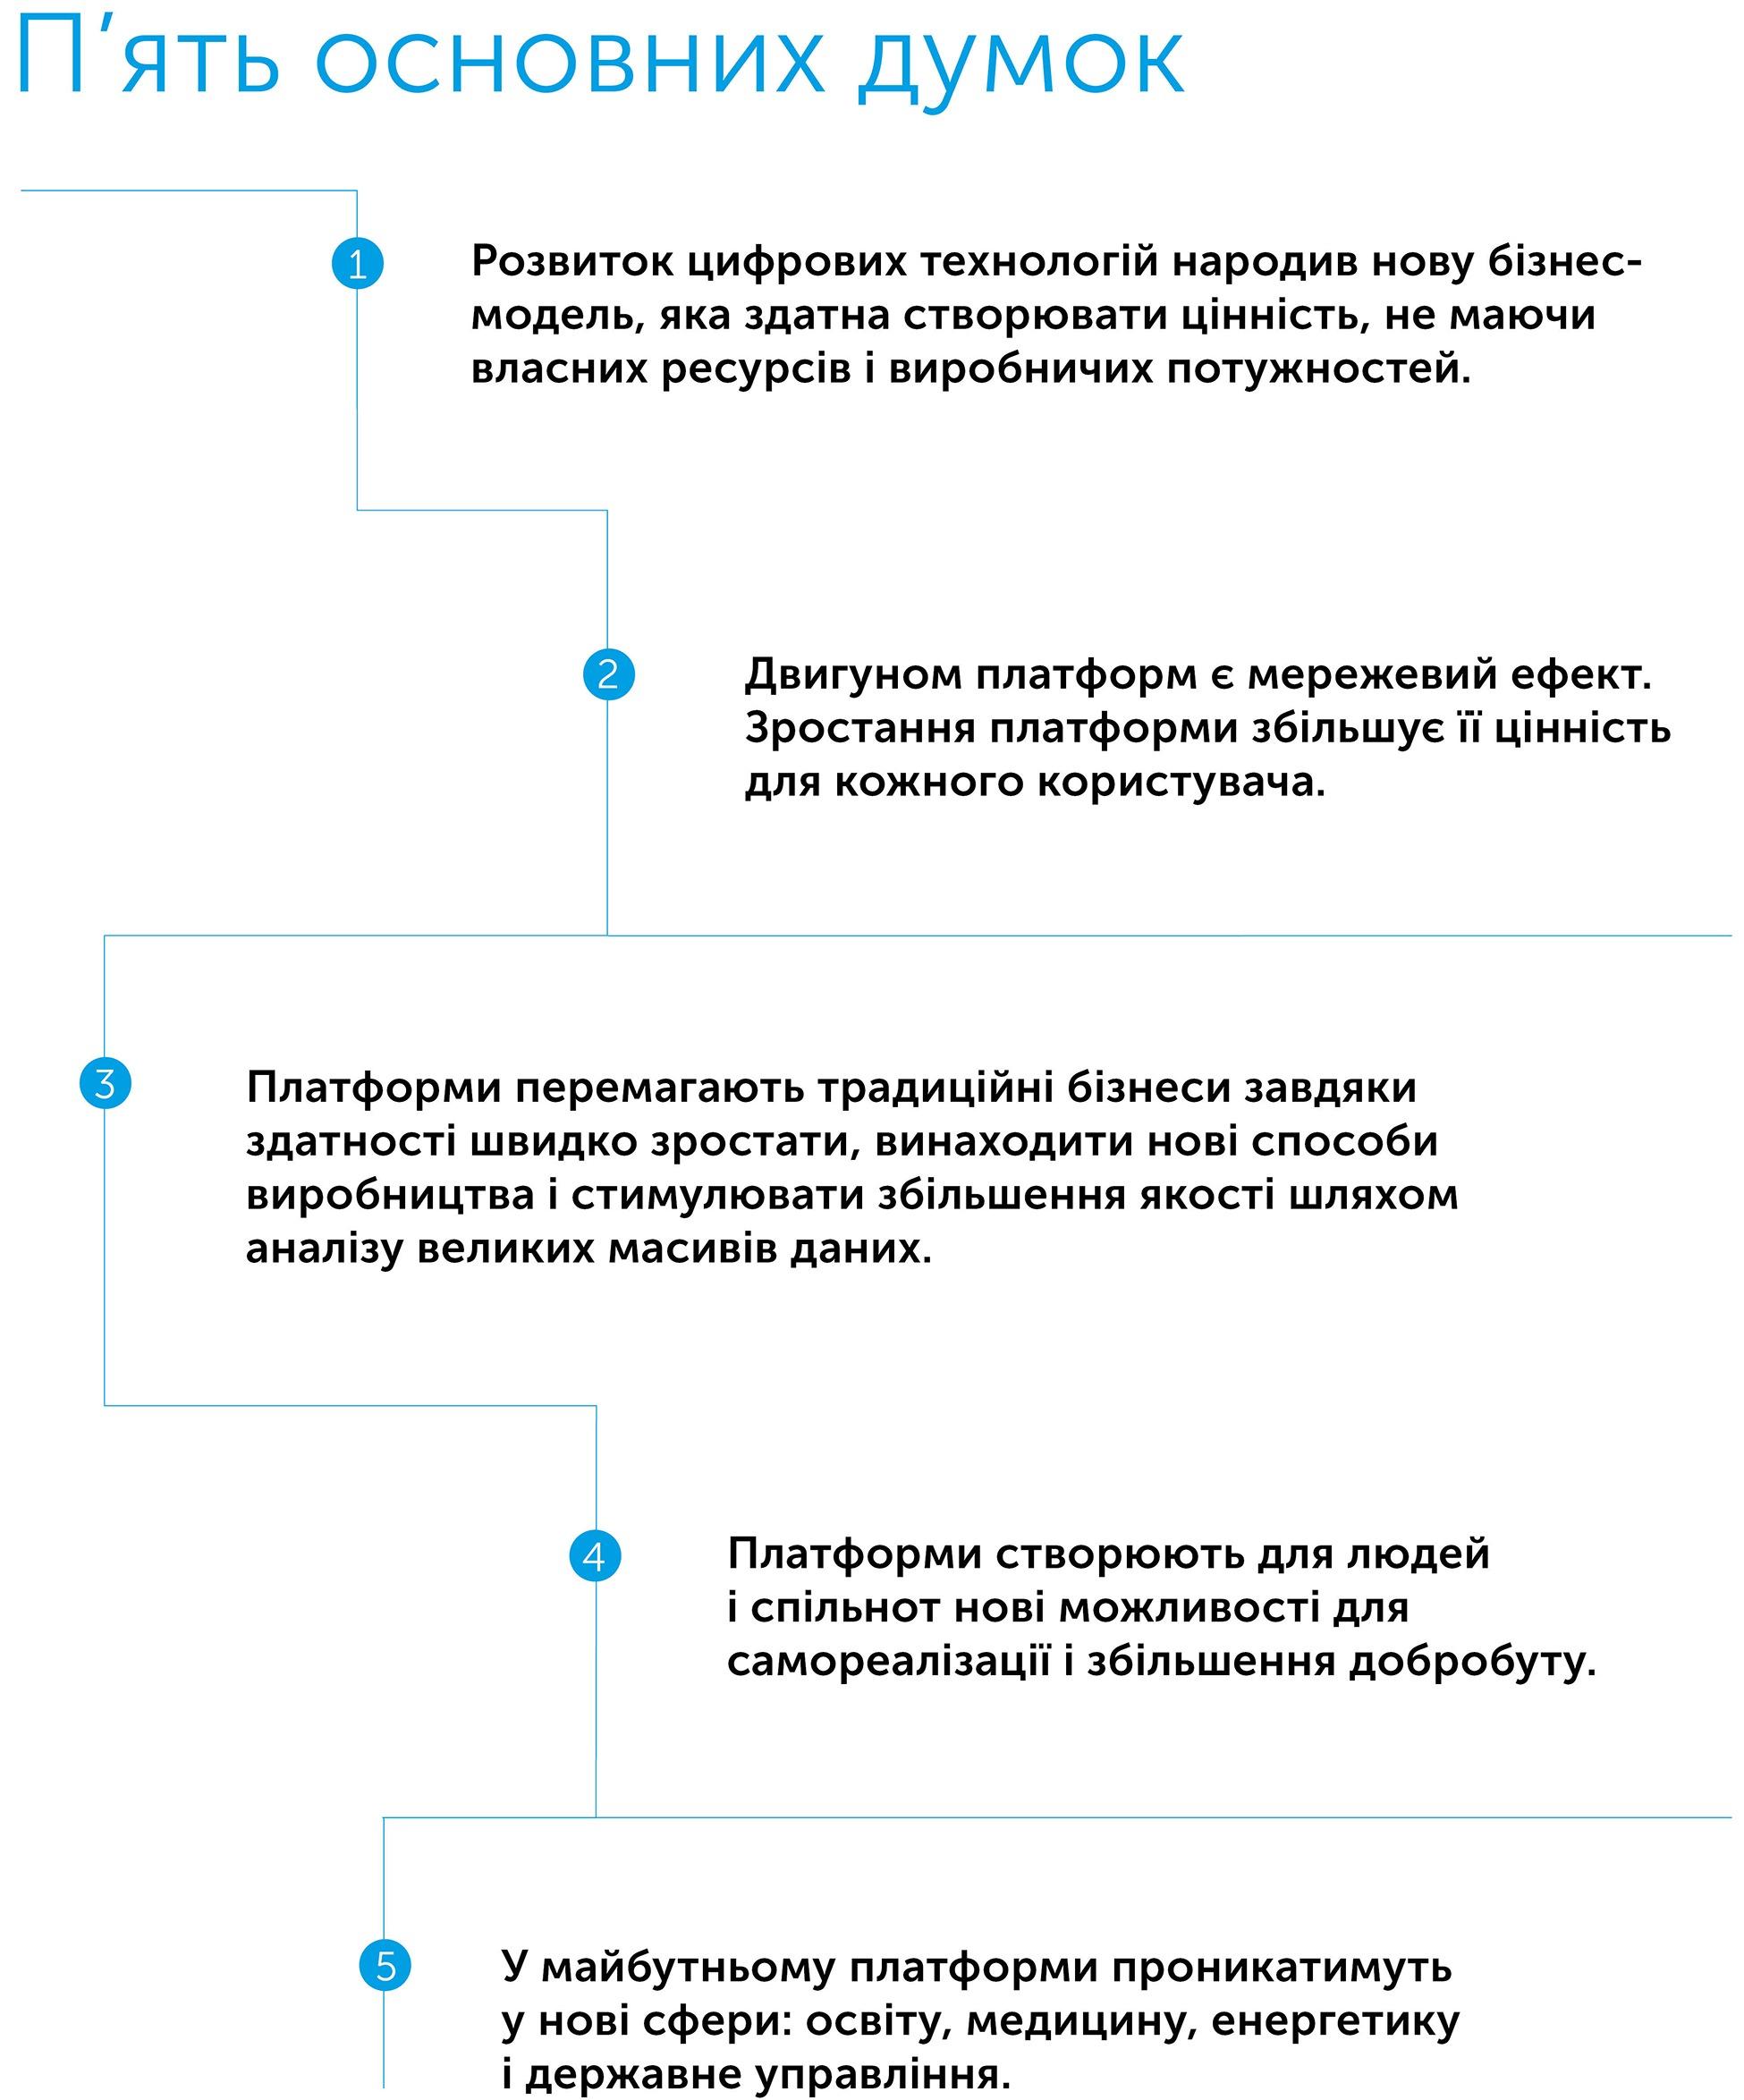 Революція платформ. Як мережеві ринки змінюють економіку – і як змусити їх працювати на вас, автор Маршалл Альстайн | Kyivstar Business Hub, зображення №2